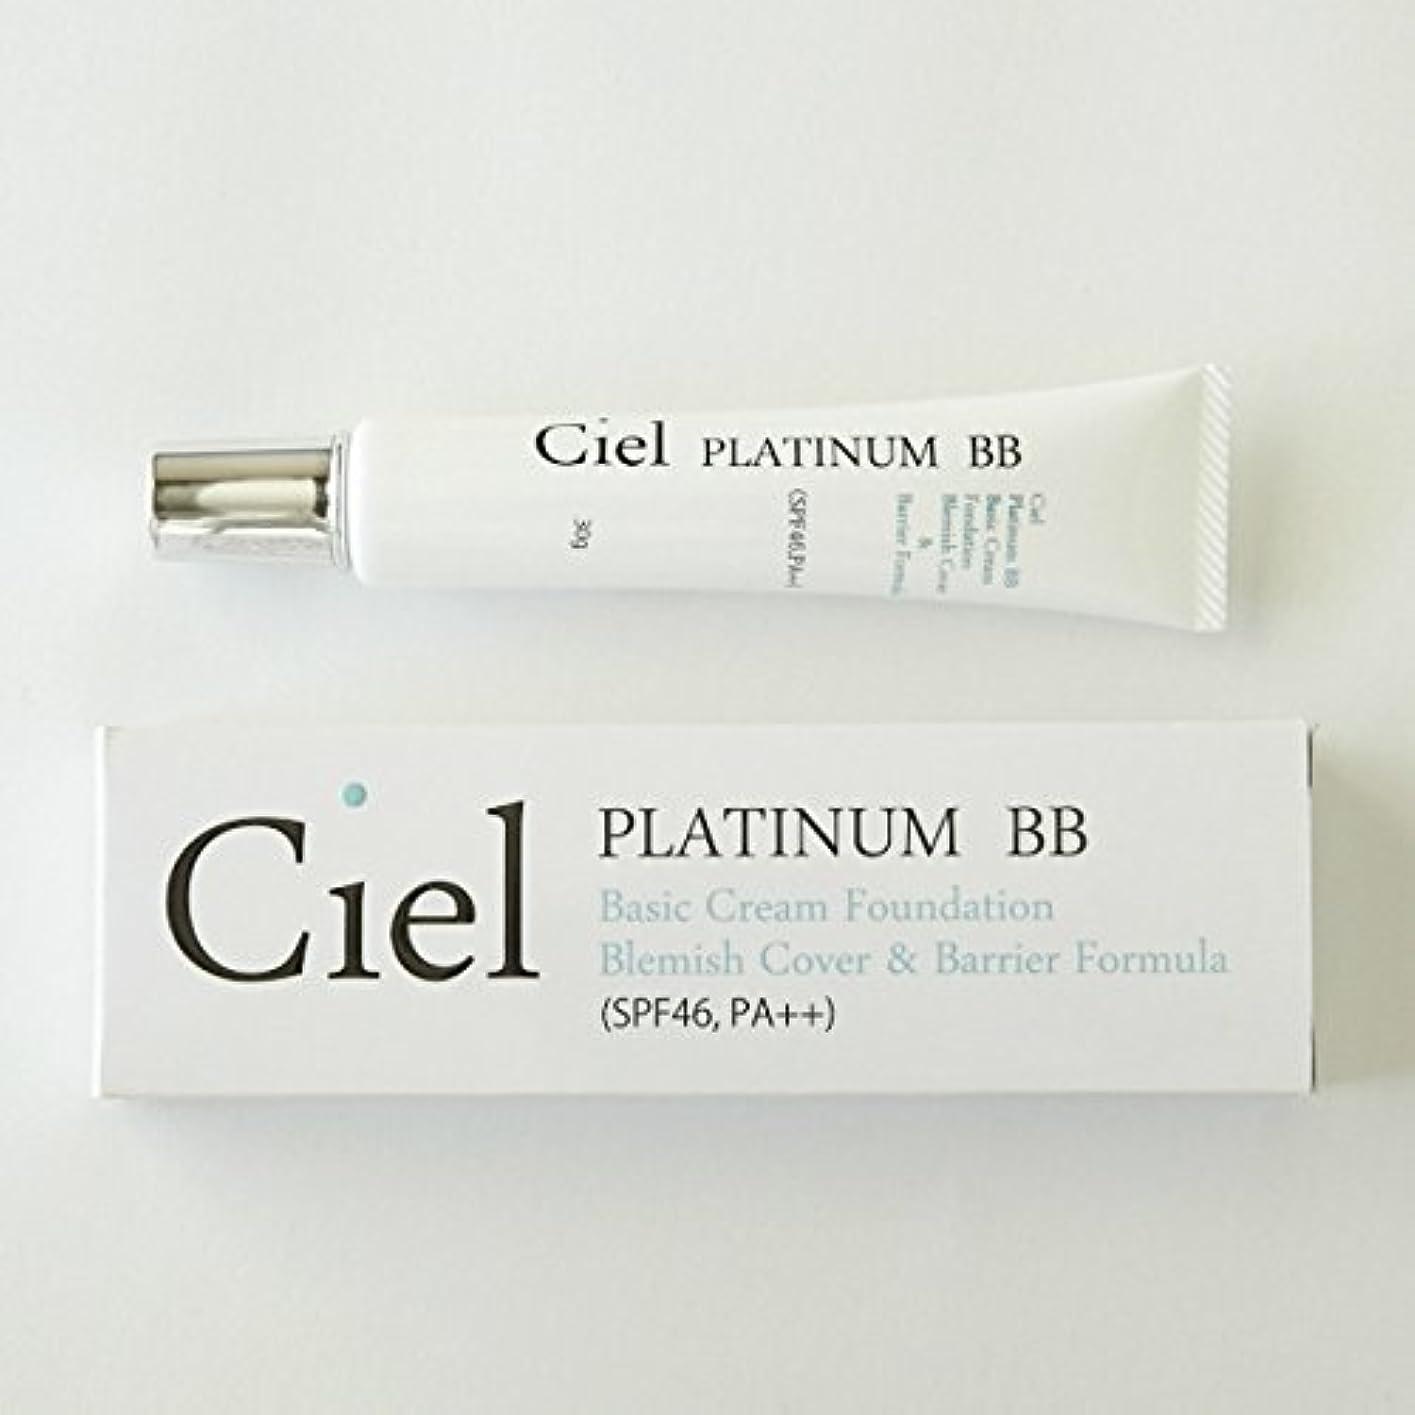 申し込むスーツ暗唱するCiel Salon de Beaute Ciel PLATINUM BB SPF46 BBクリーム ファンデーション 日本製 日焼け止め